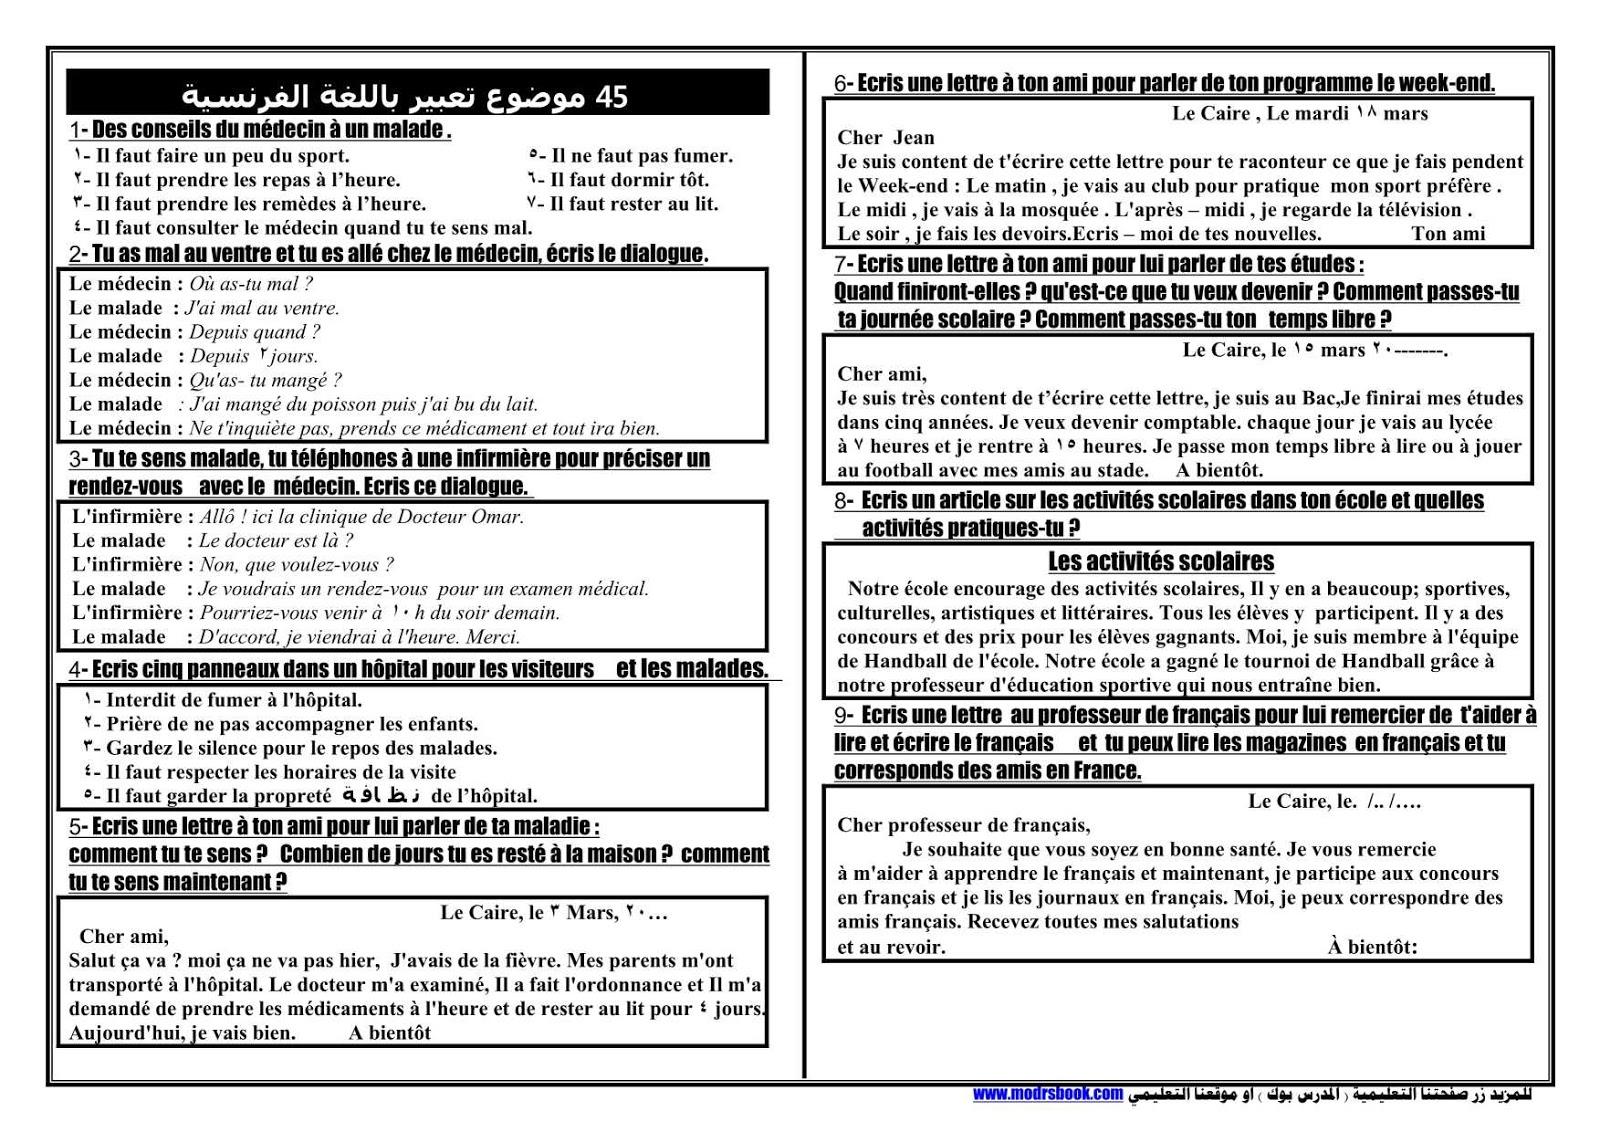 45 موضوع تعبير باللغة الفرنسية منسق وجاهز للطباعة